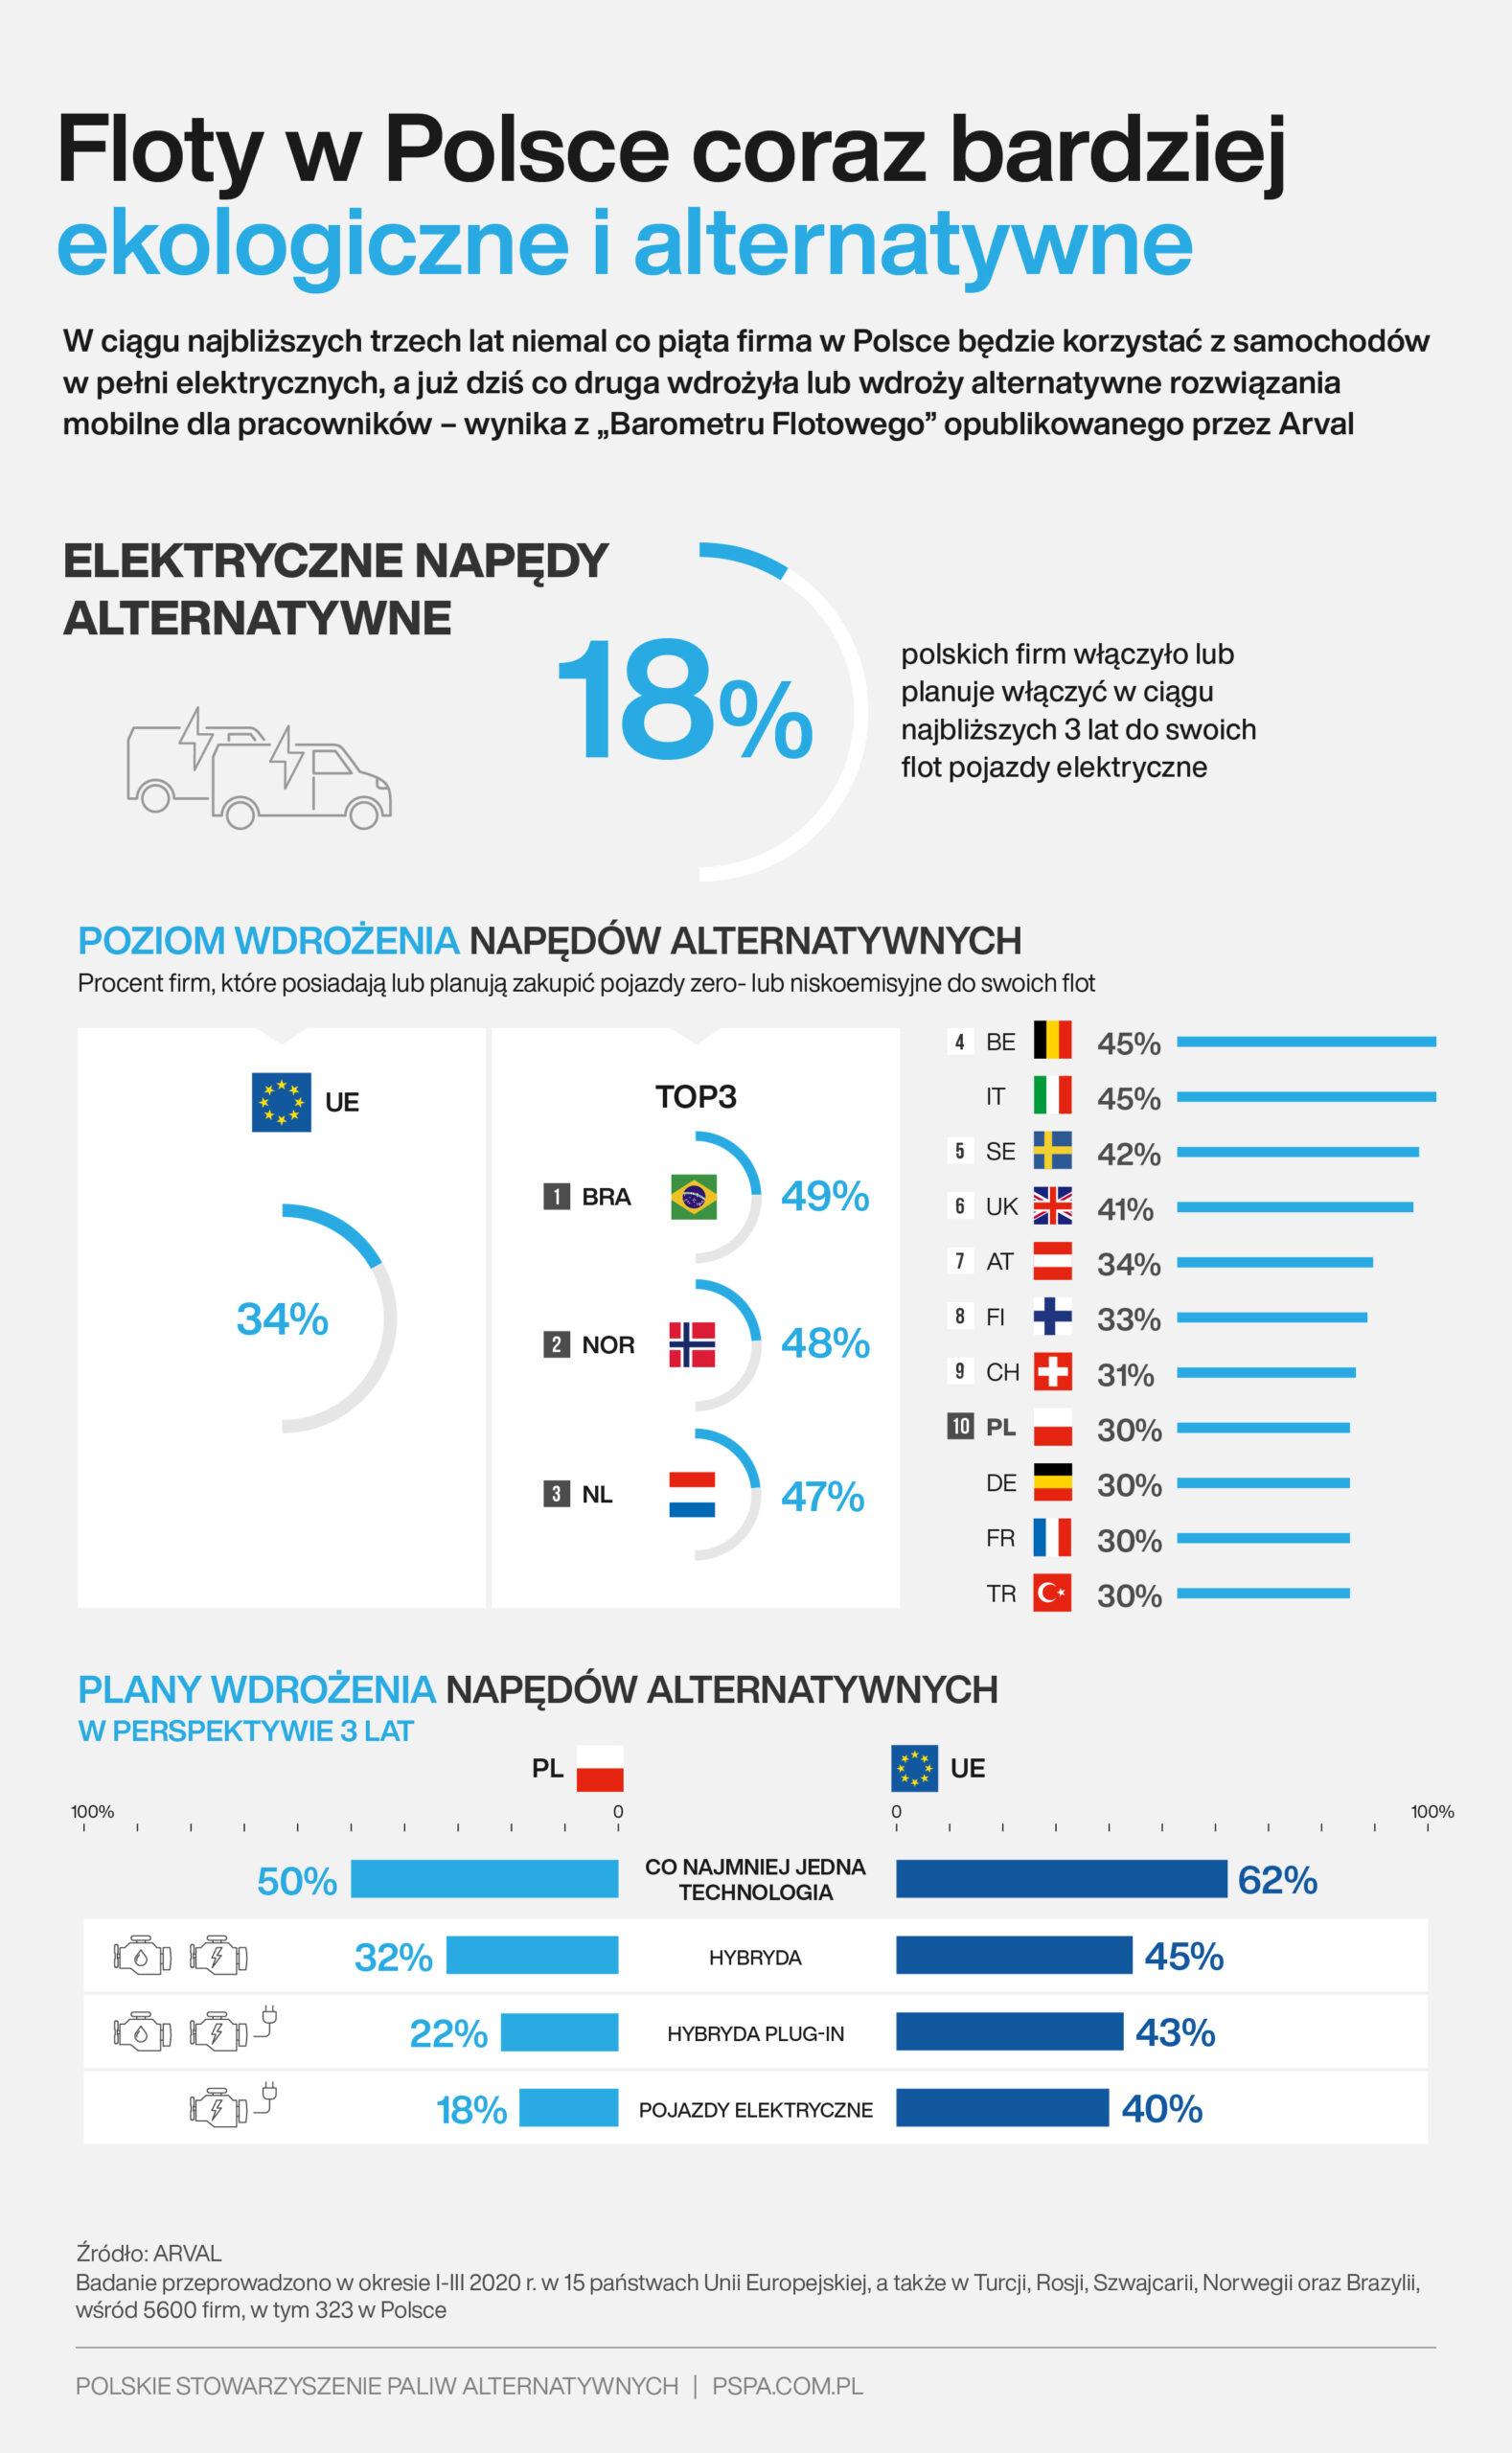 Floty w Polsce coraz bardziej ekologiczne i alternatywne (2)